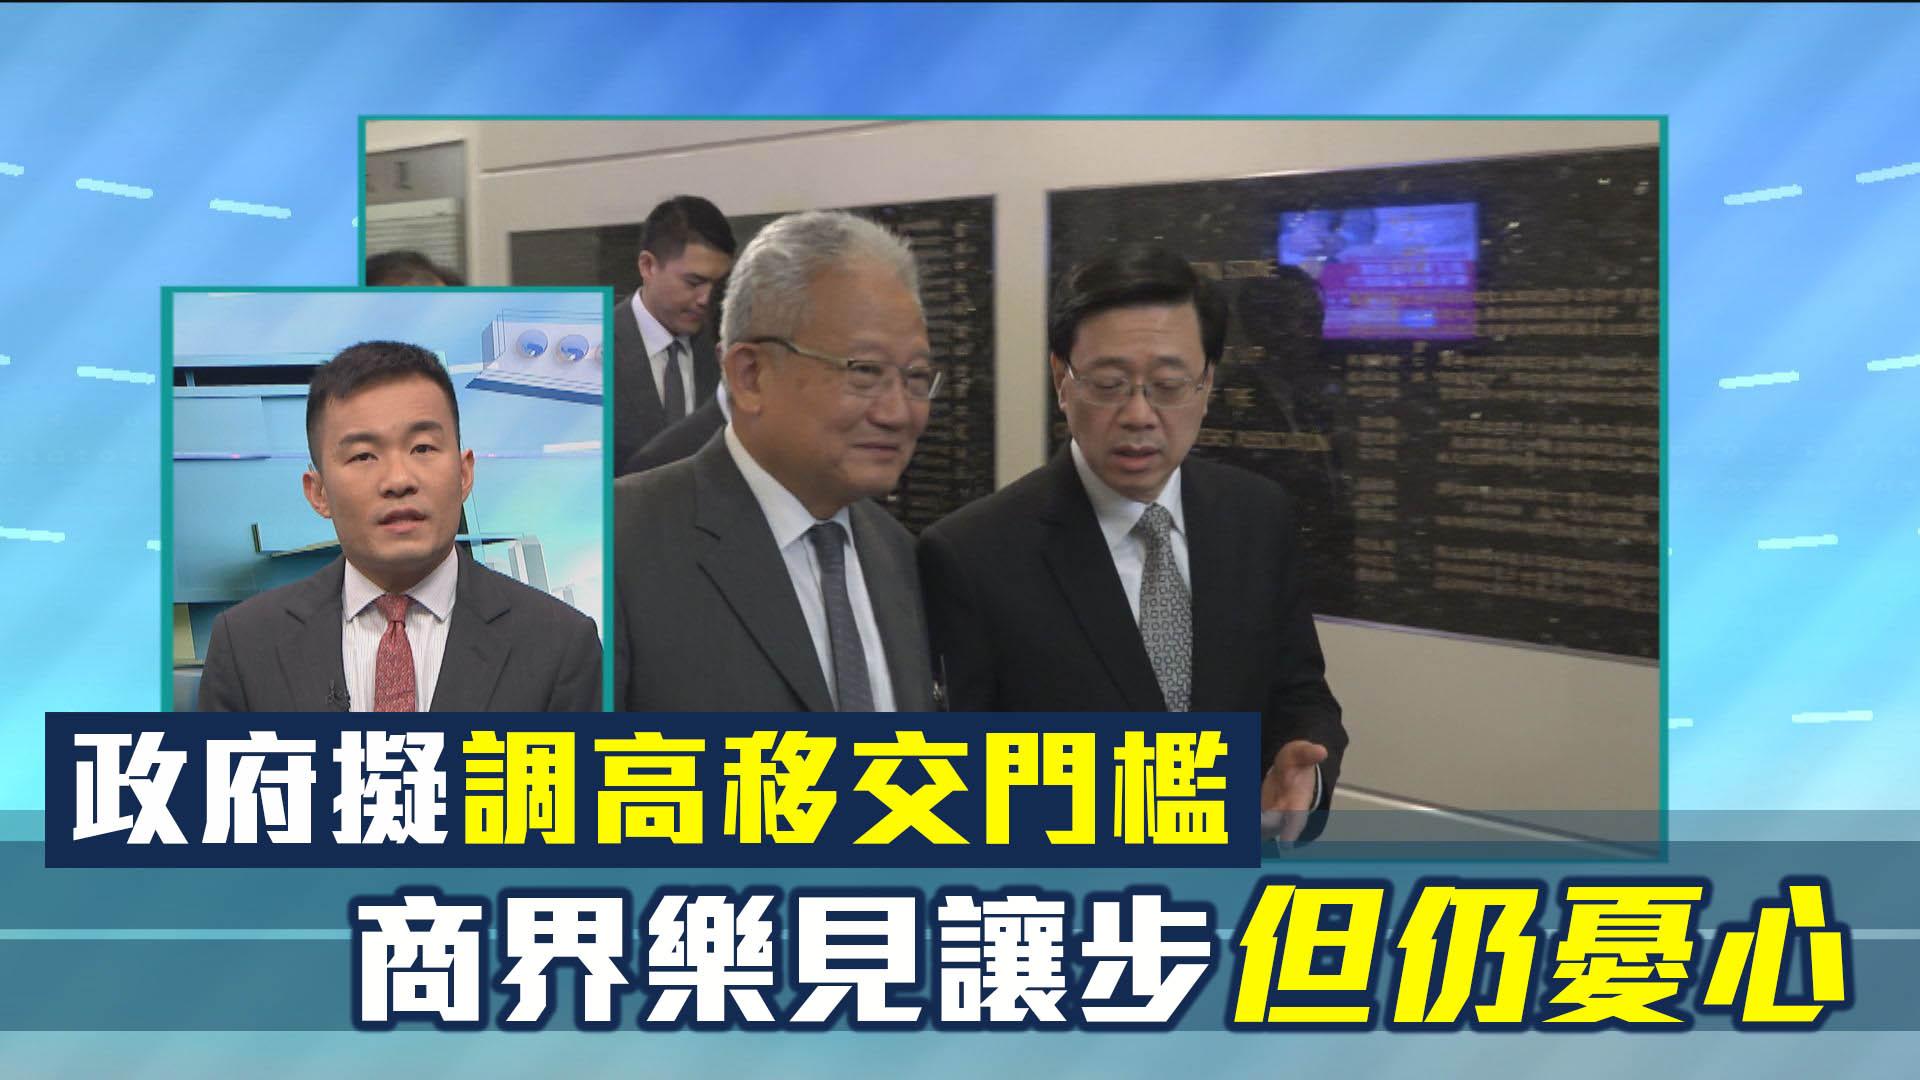 【政情】政府擬調高移交門檻 商界樂見讓步但仍憂心